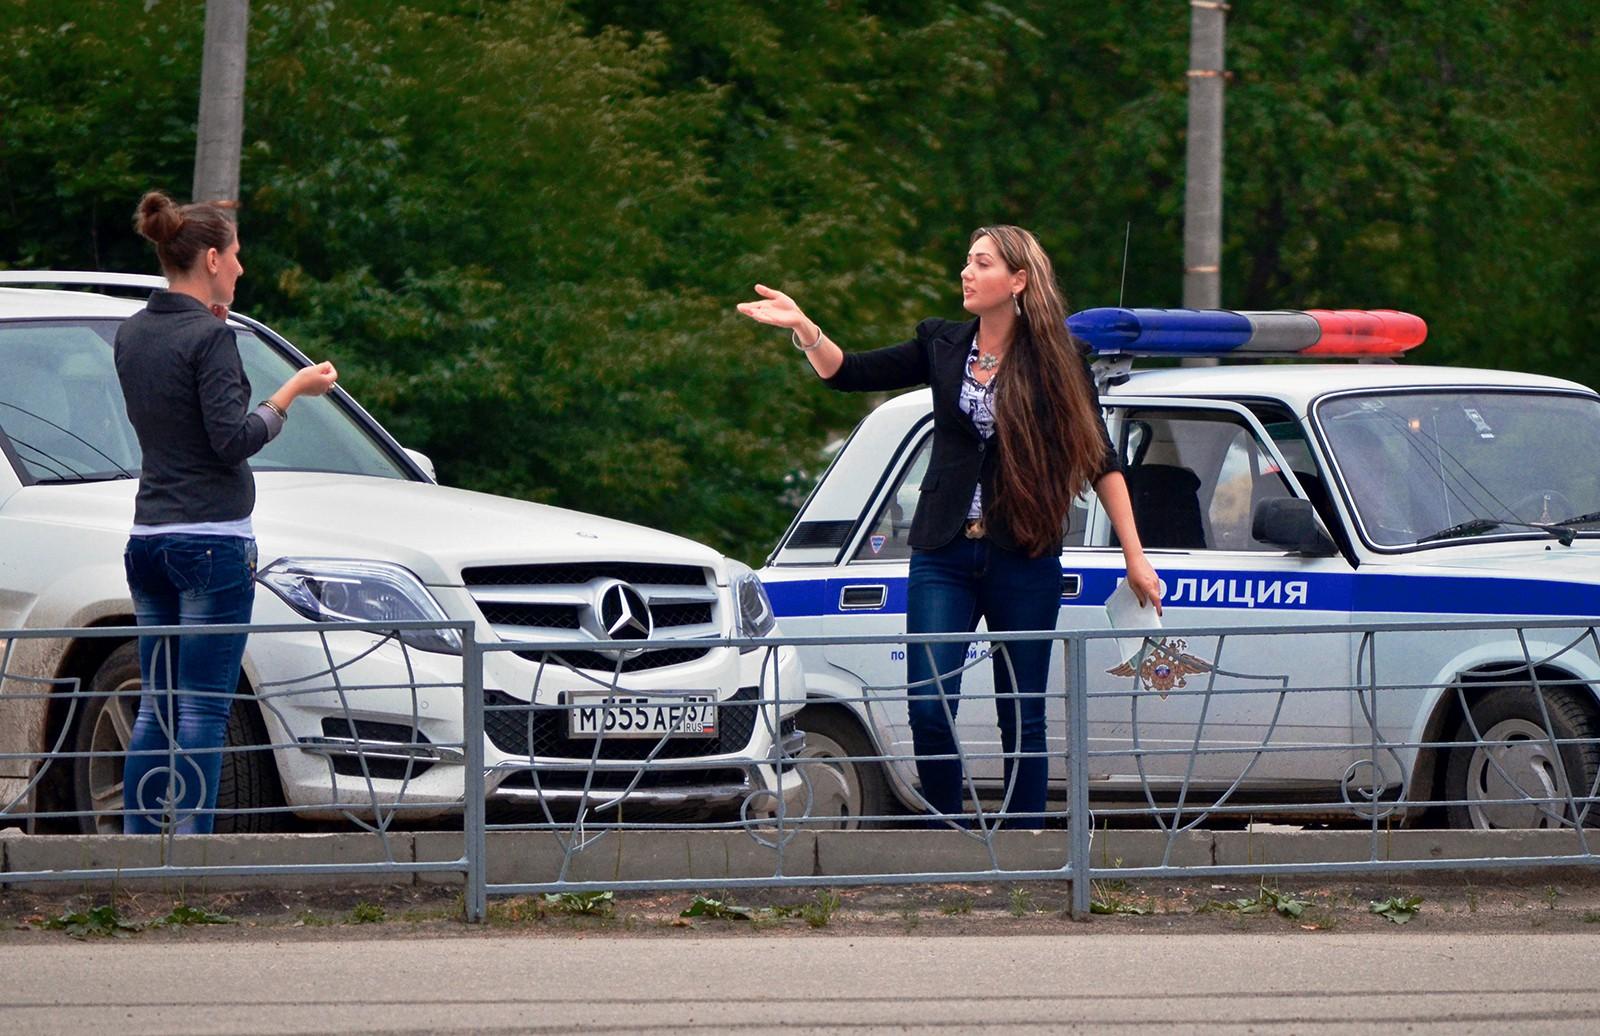 Авито Авто: российские водители рассказали, насколько часто сталкиваются с несправедливыми штрафами